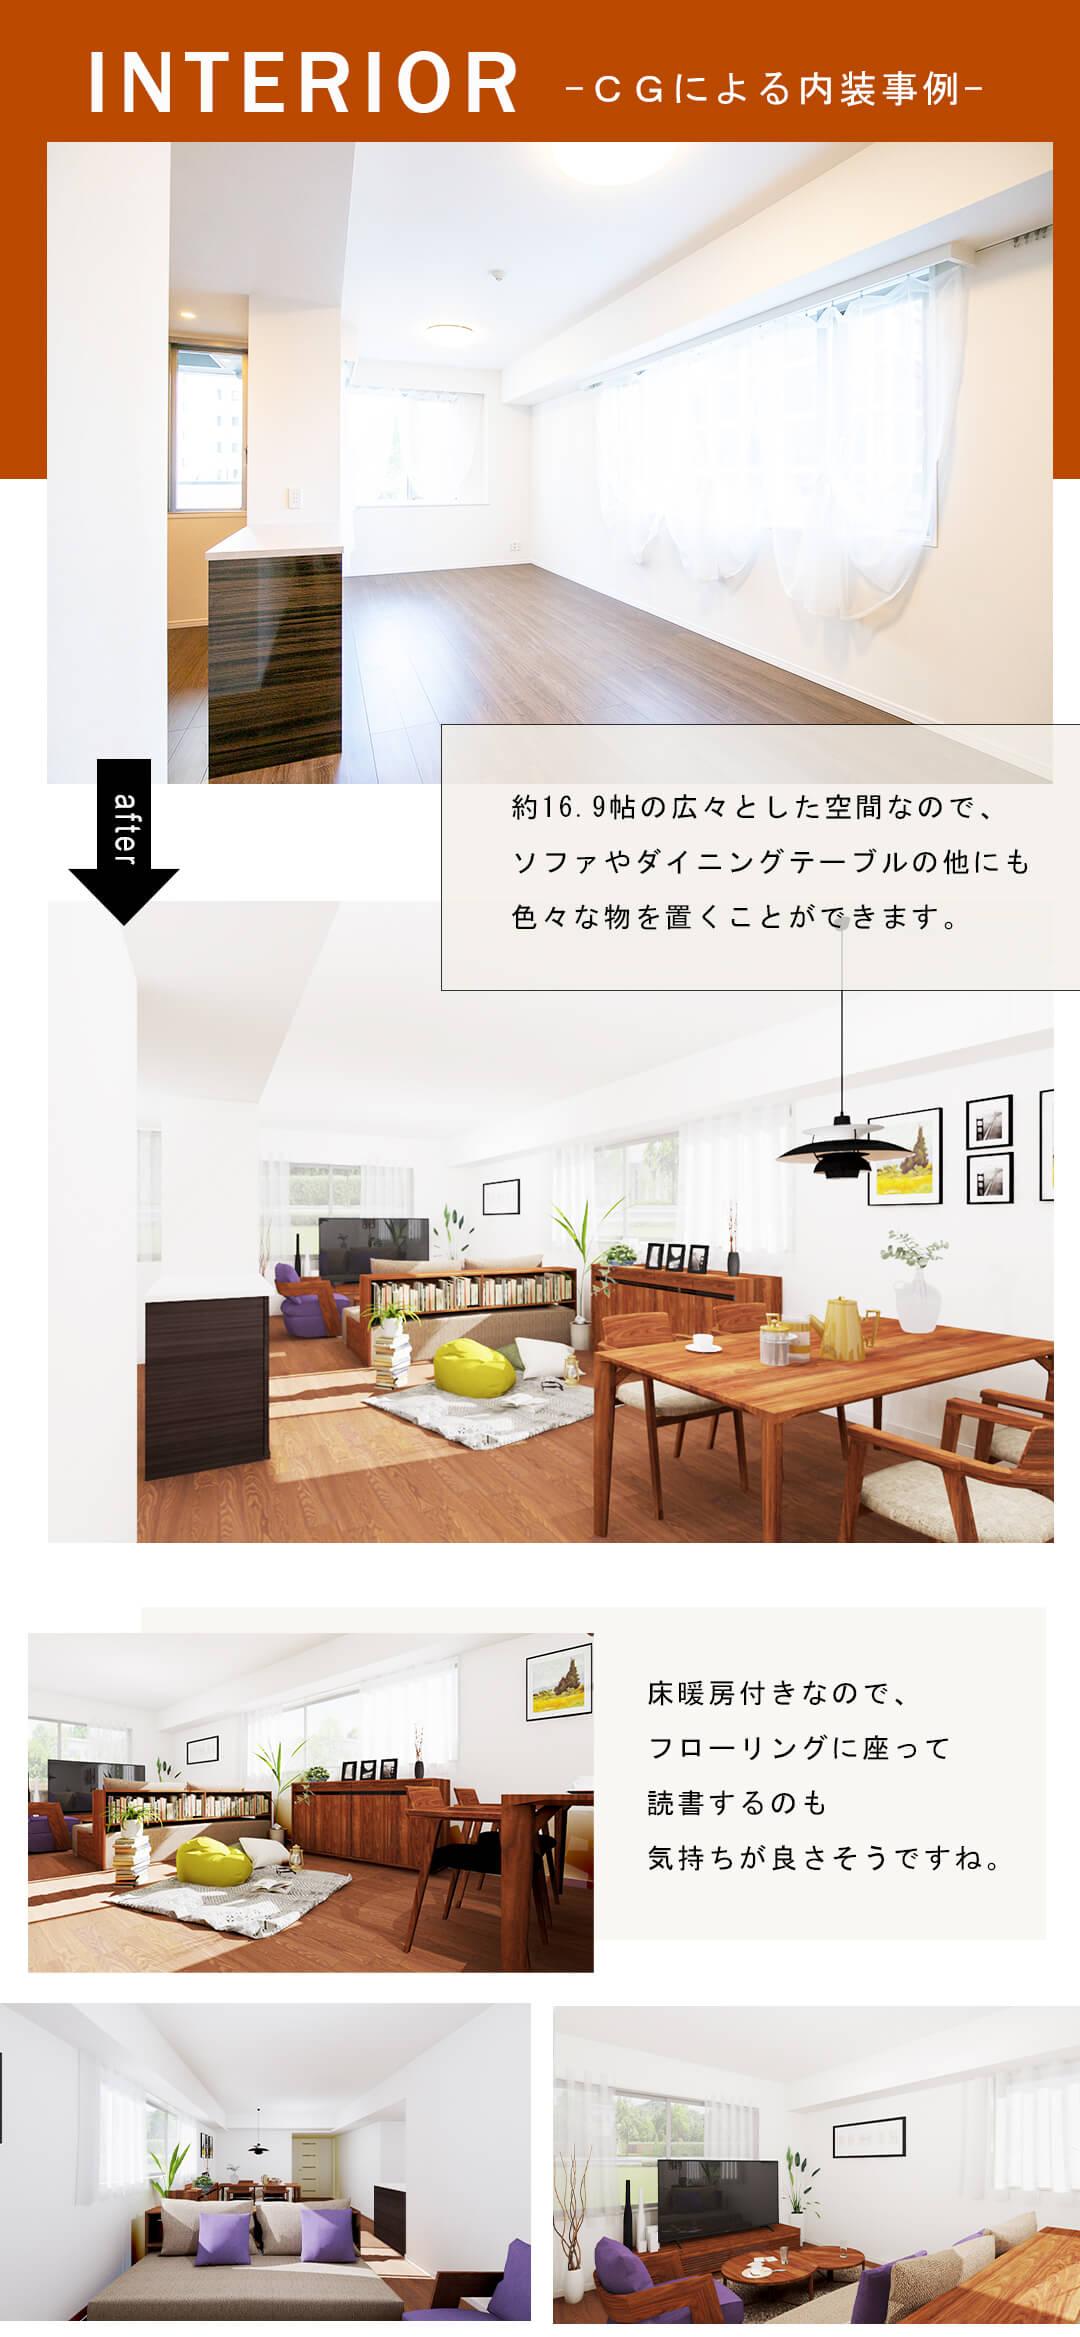 ファミールグランスイートTHE赤坂のCGによる内装事例